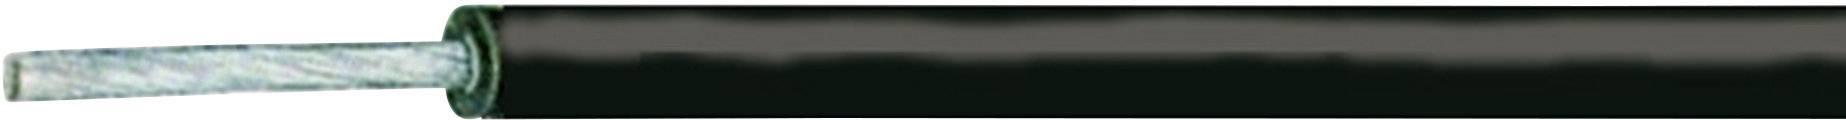 Stikalna žica SiL-SiAF 1 x 2.50 mm, rjava XBK Kabel cena za meter